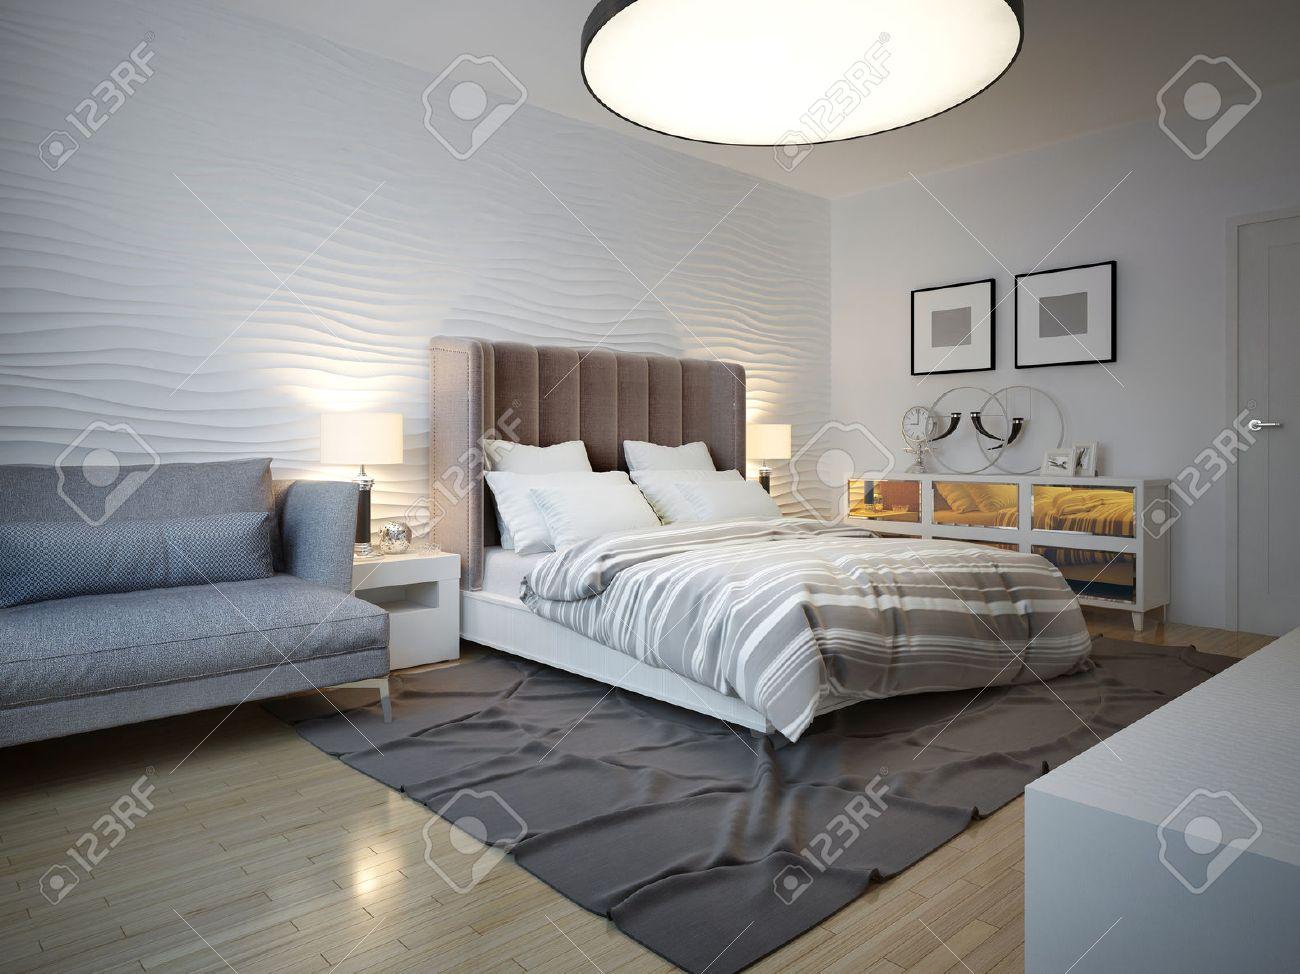 Chambre style art déco avec grande lampe de plafond. lit défait avec une  grande tête brune. mur de plâtre Wavy. 20D render